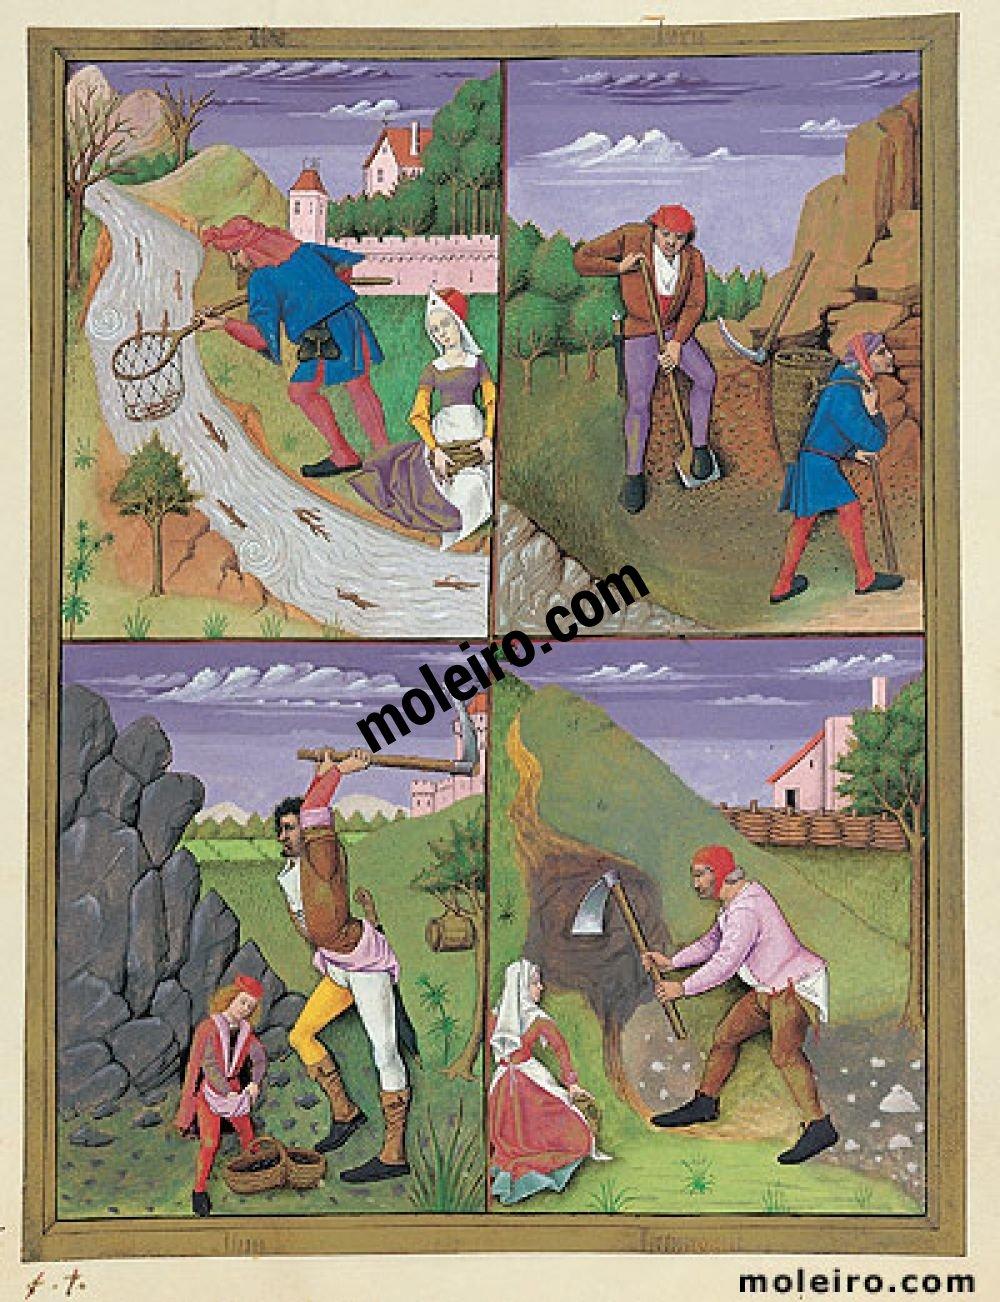 The Book of Simple Medicines folio 143r